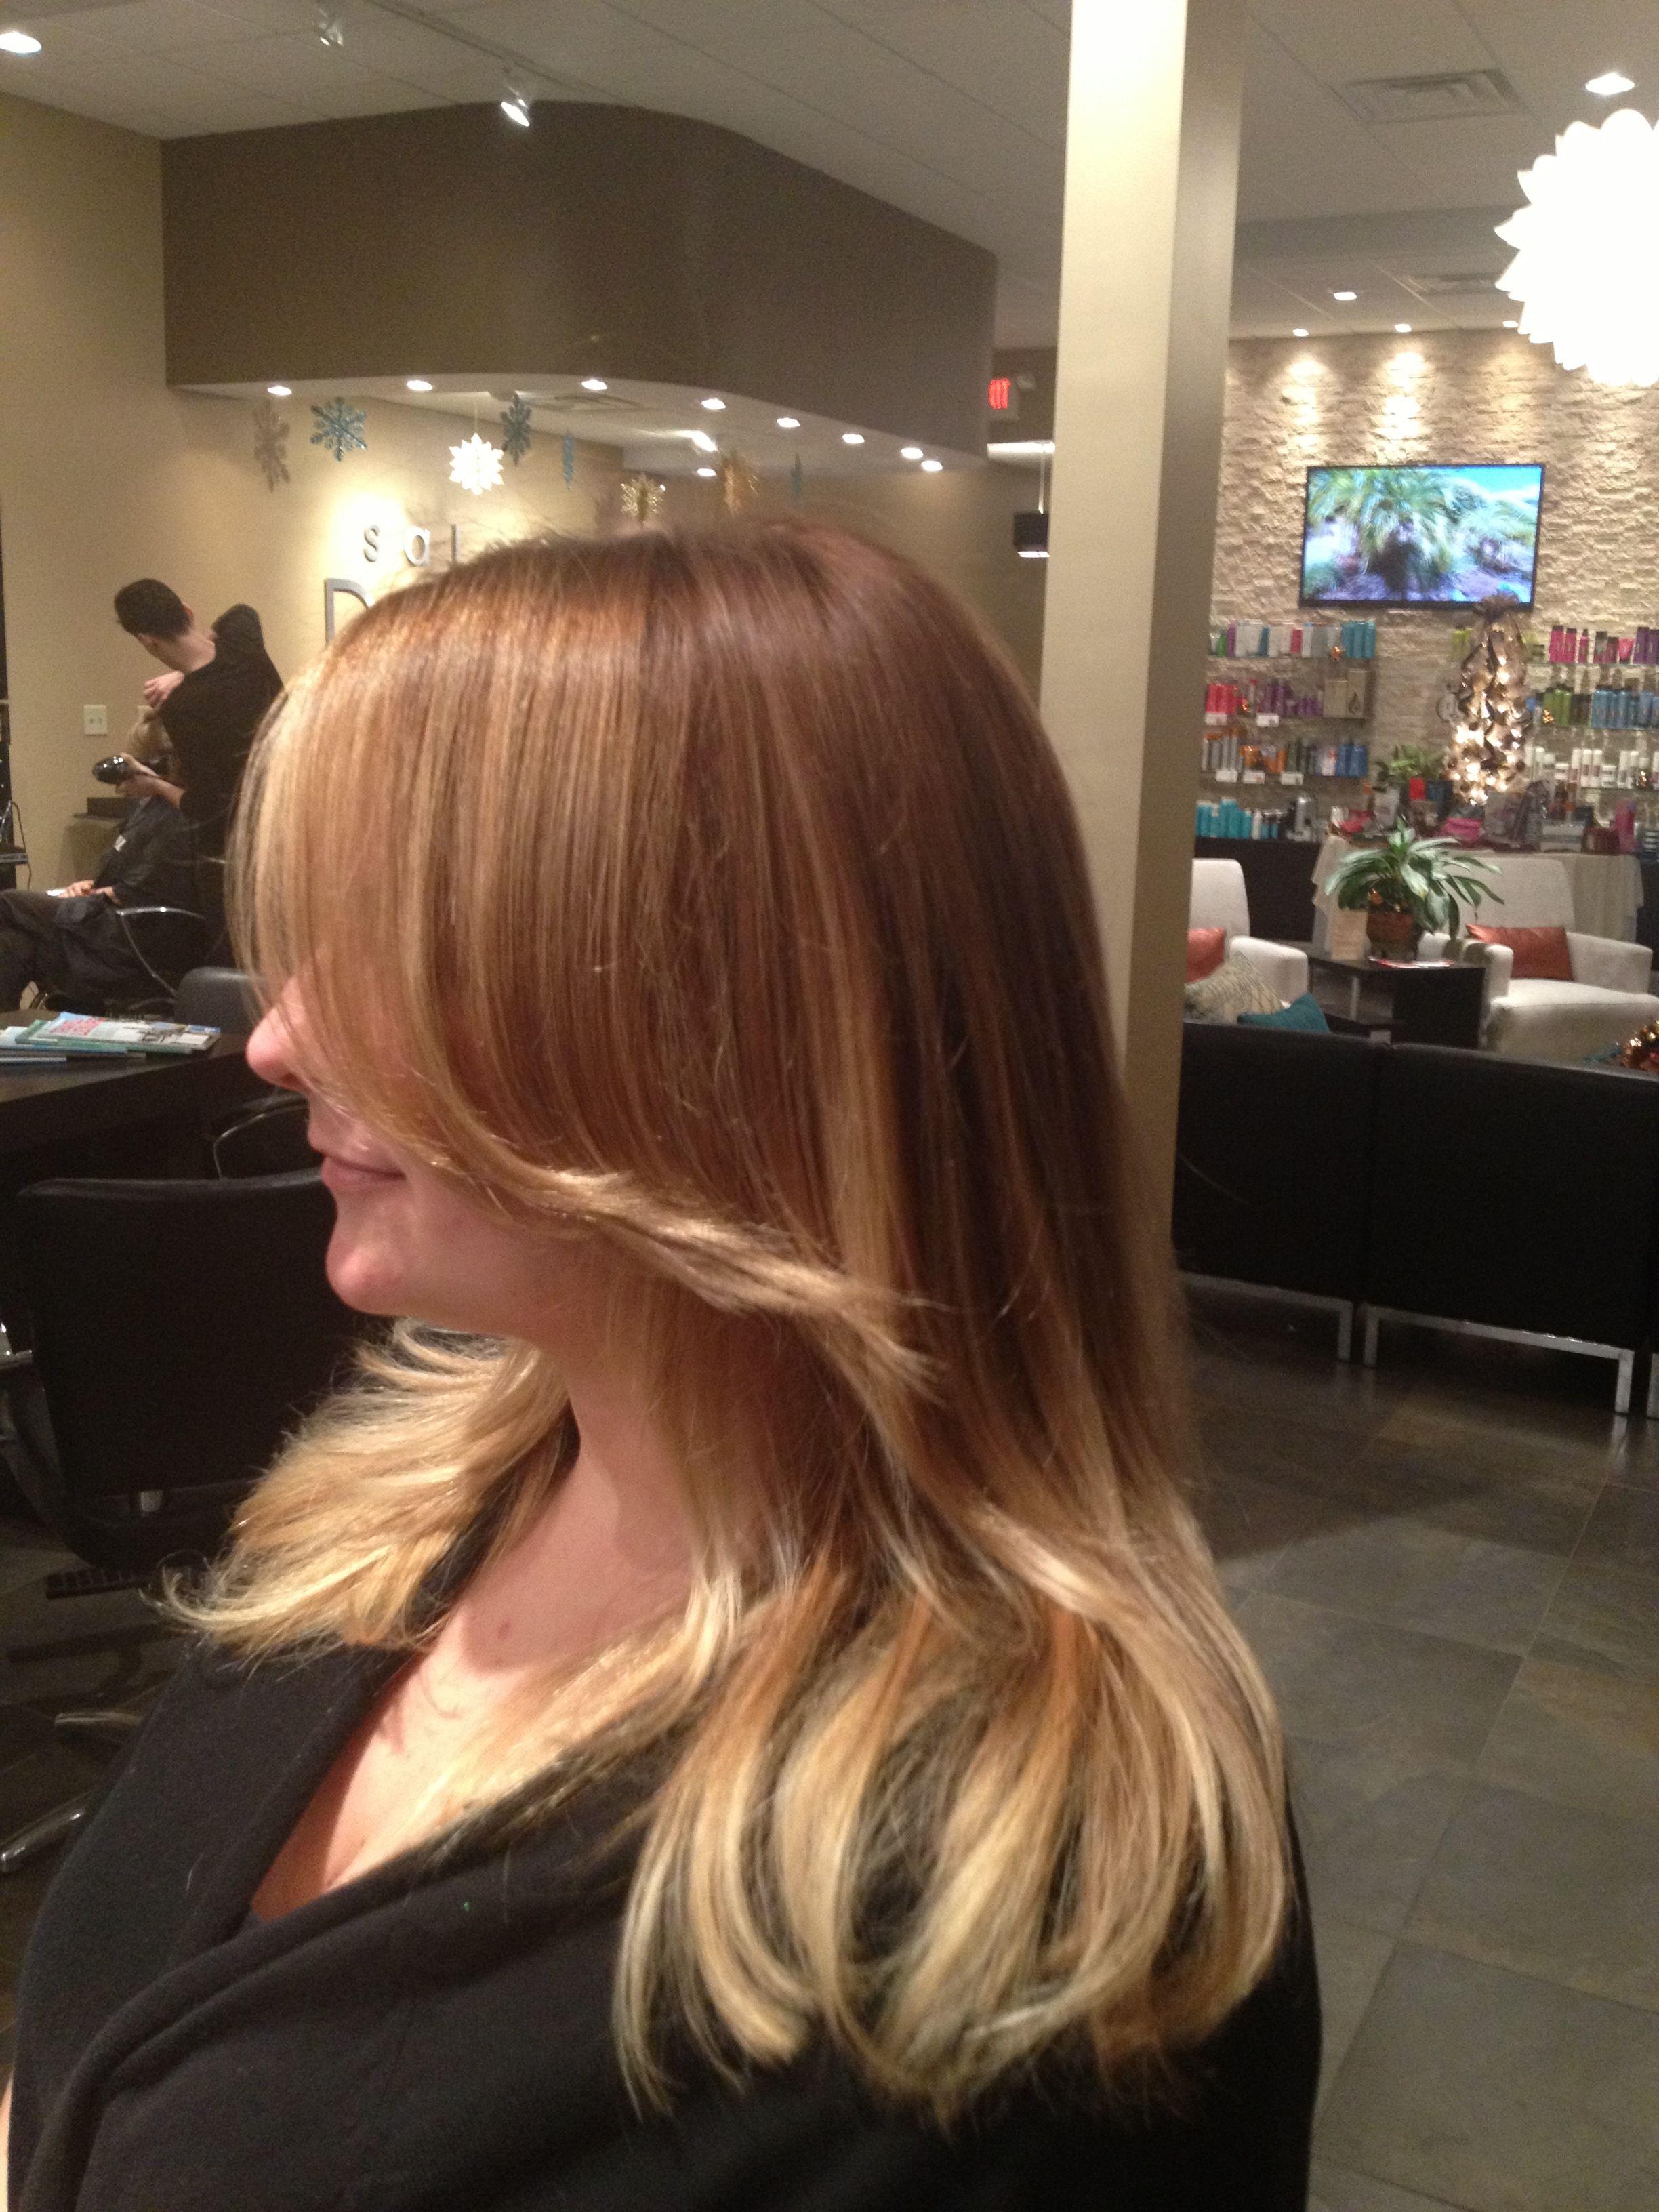 Copper blonde base Redken 6gg 7c shades Subtle ombré to blonde glaze